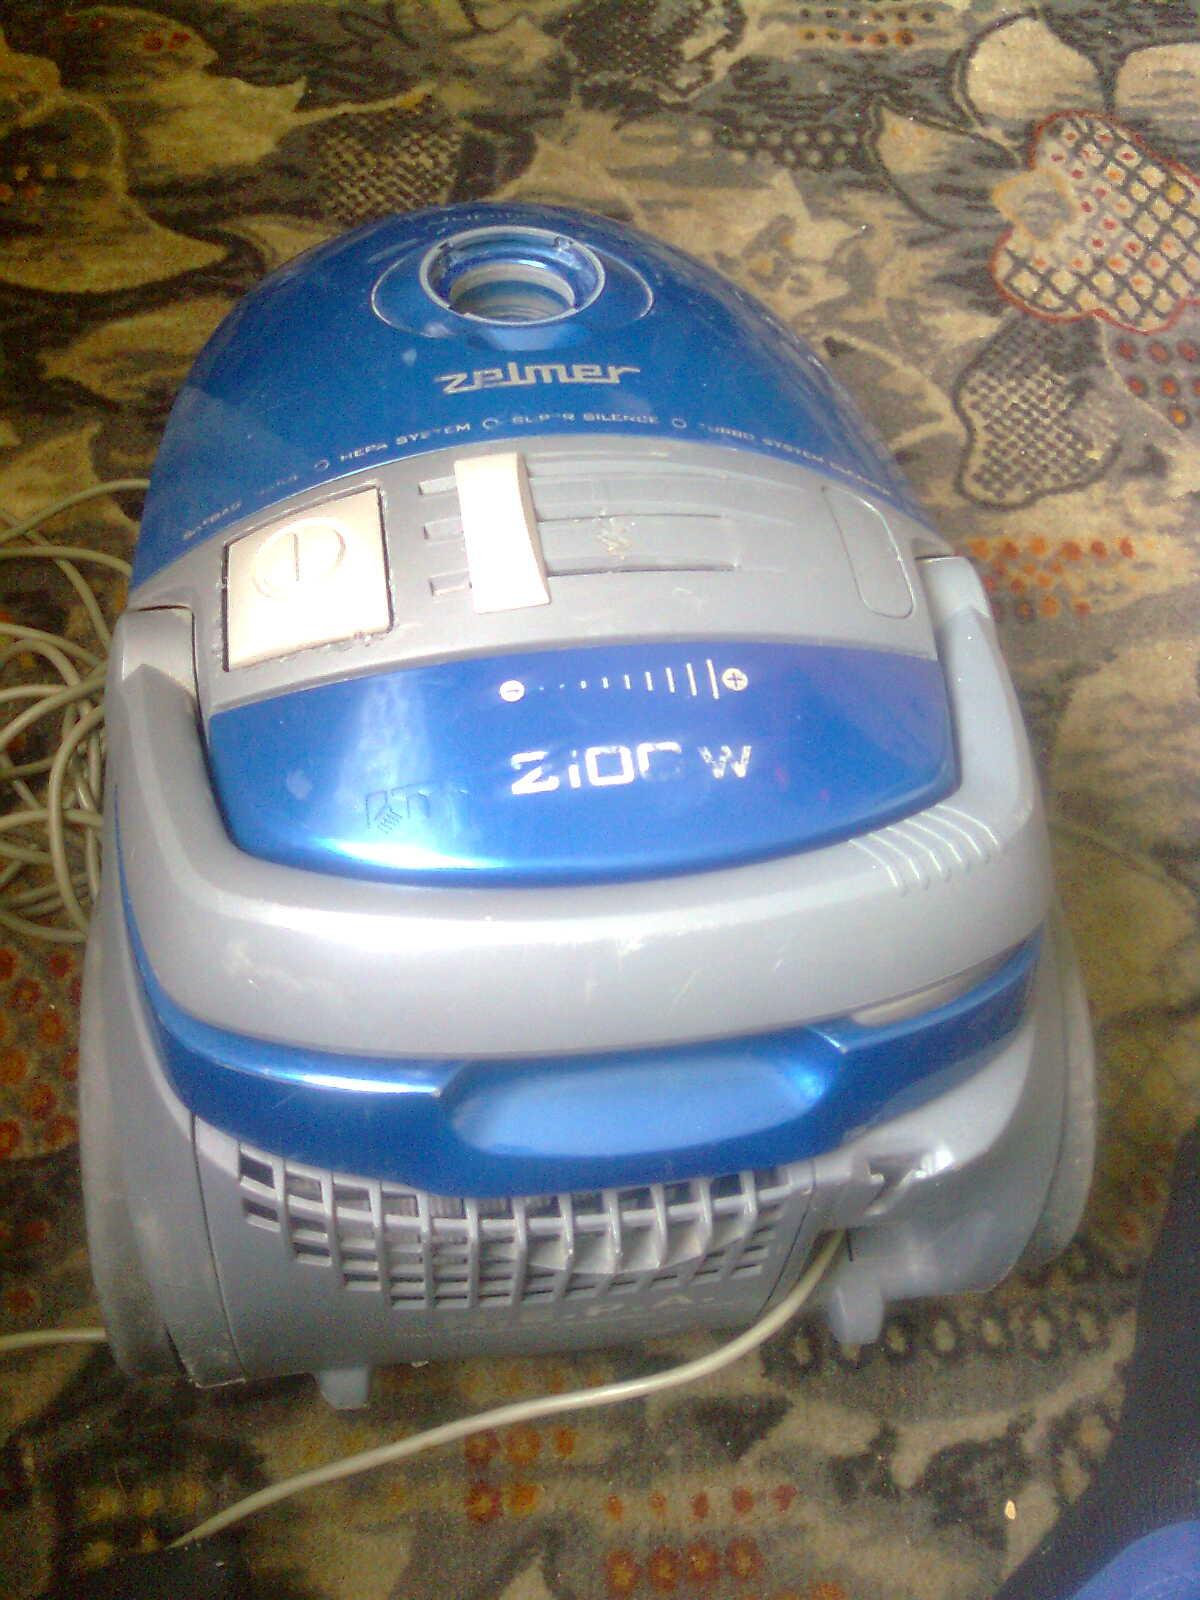 [Sprzedam] Odkurzacz Zelmer Jupiter 2100W sprawny!